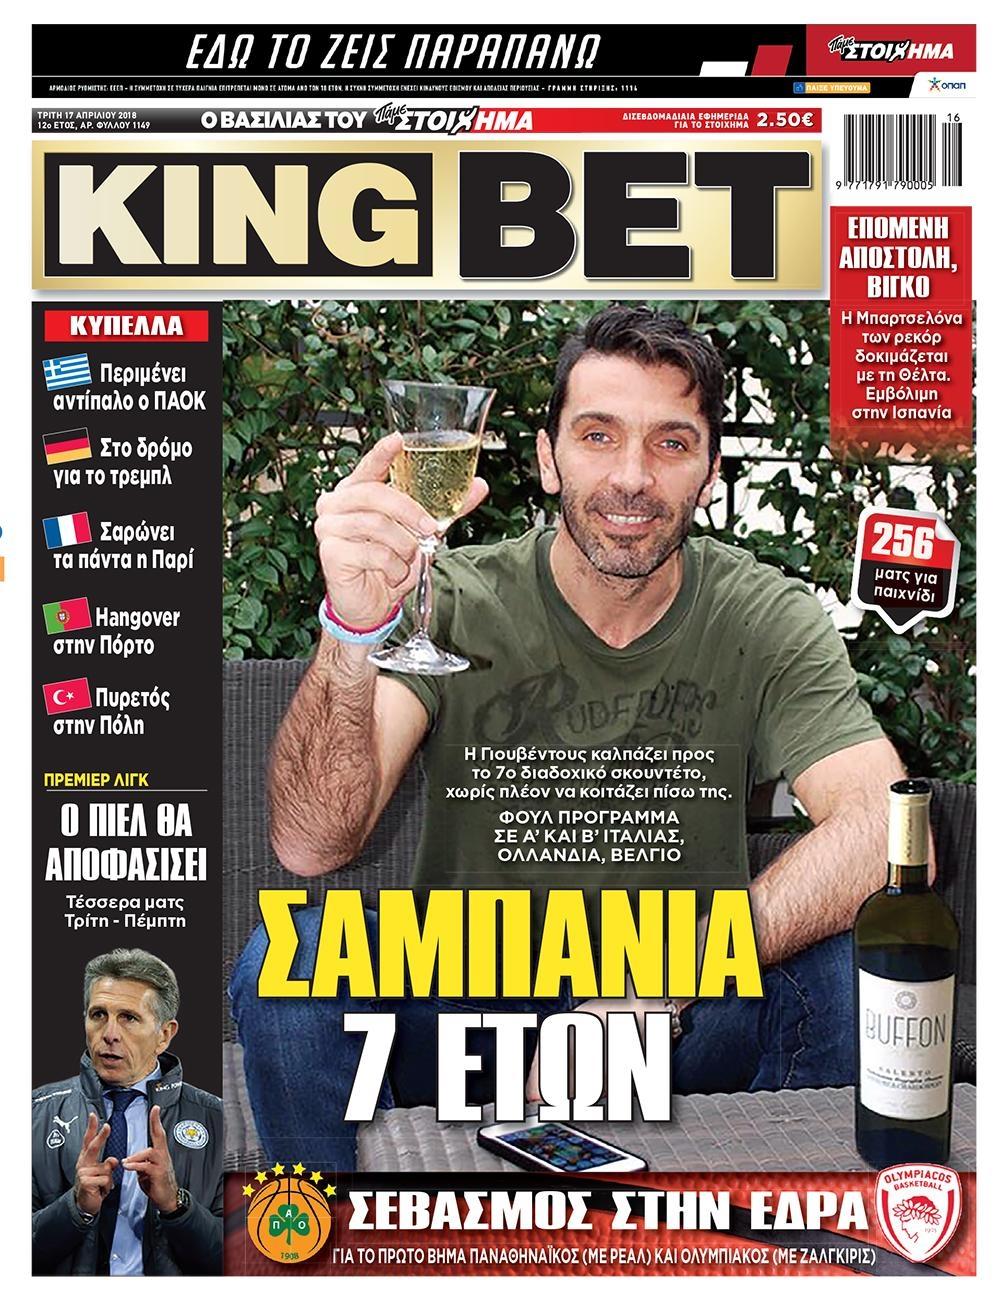 Πρωτοσέλιδο εφημερίδας Kingbet